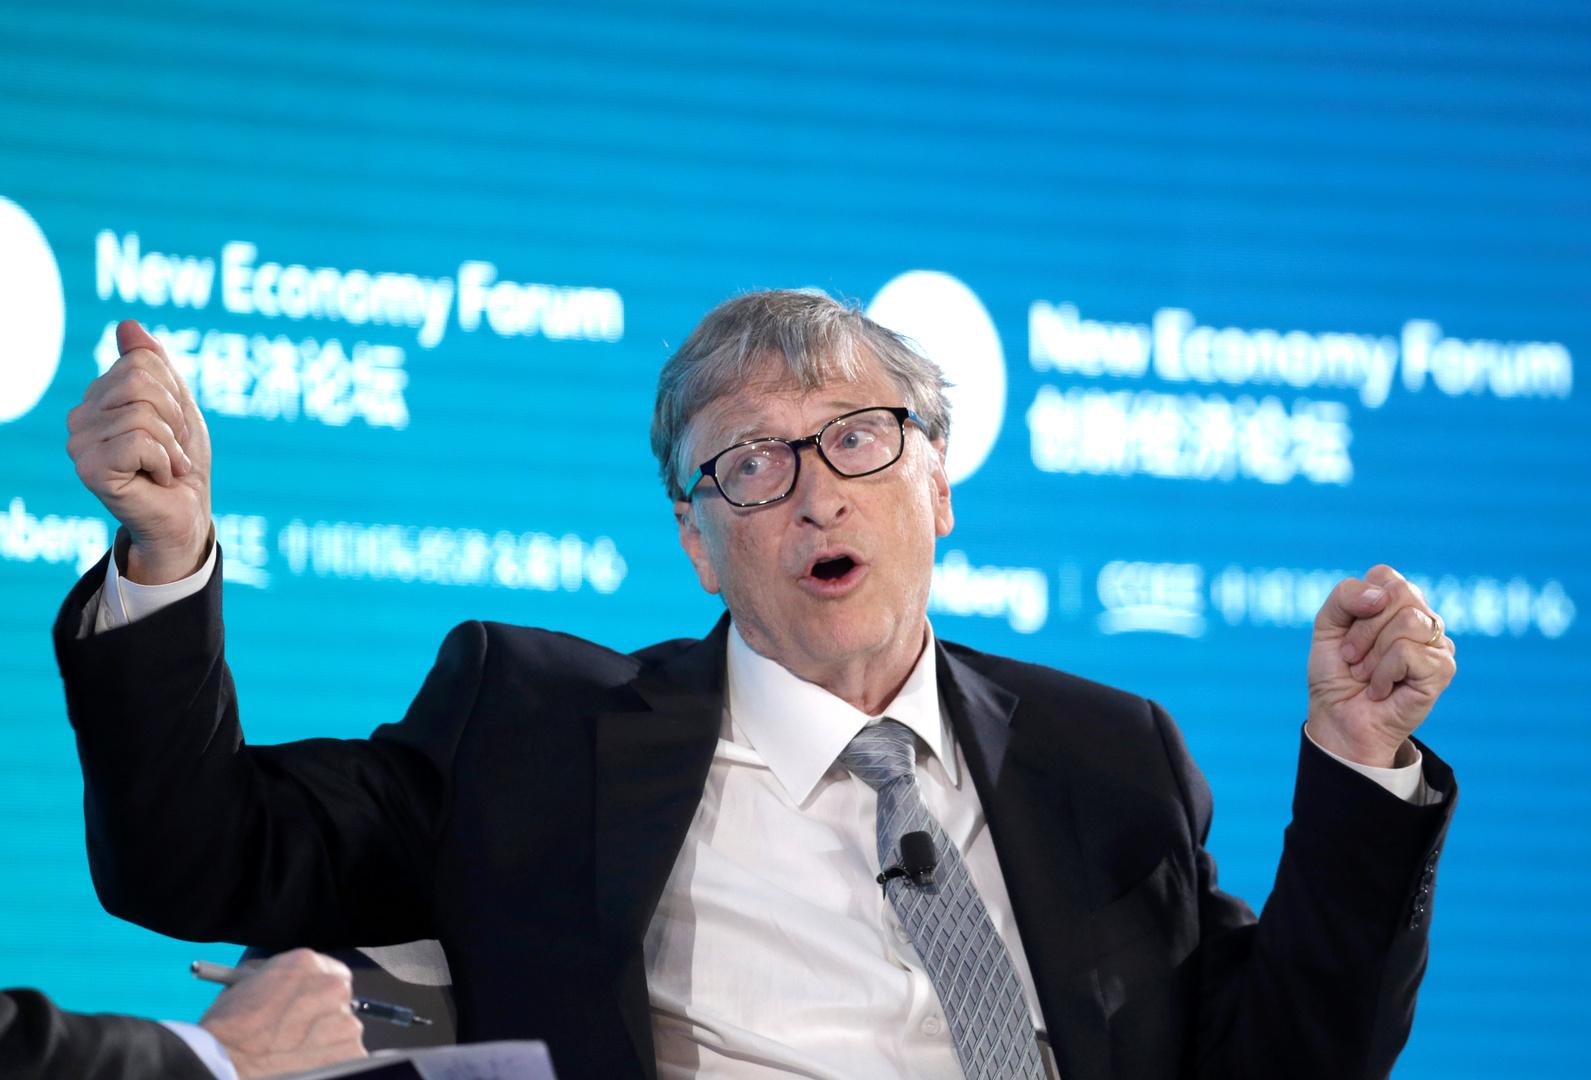 بيل غيتس، مؤسس شركة مايكروسوفت